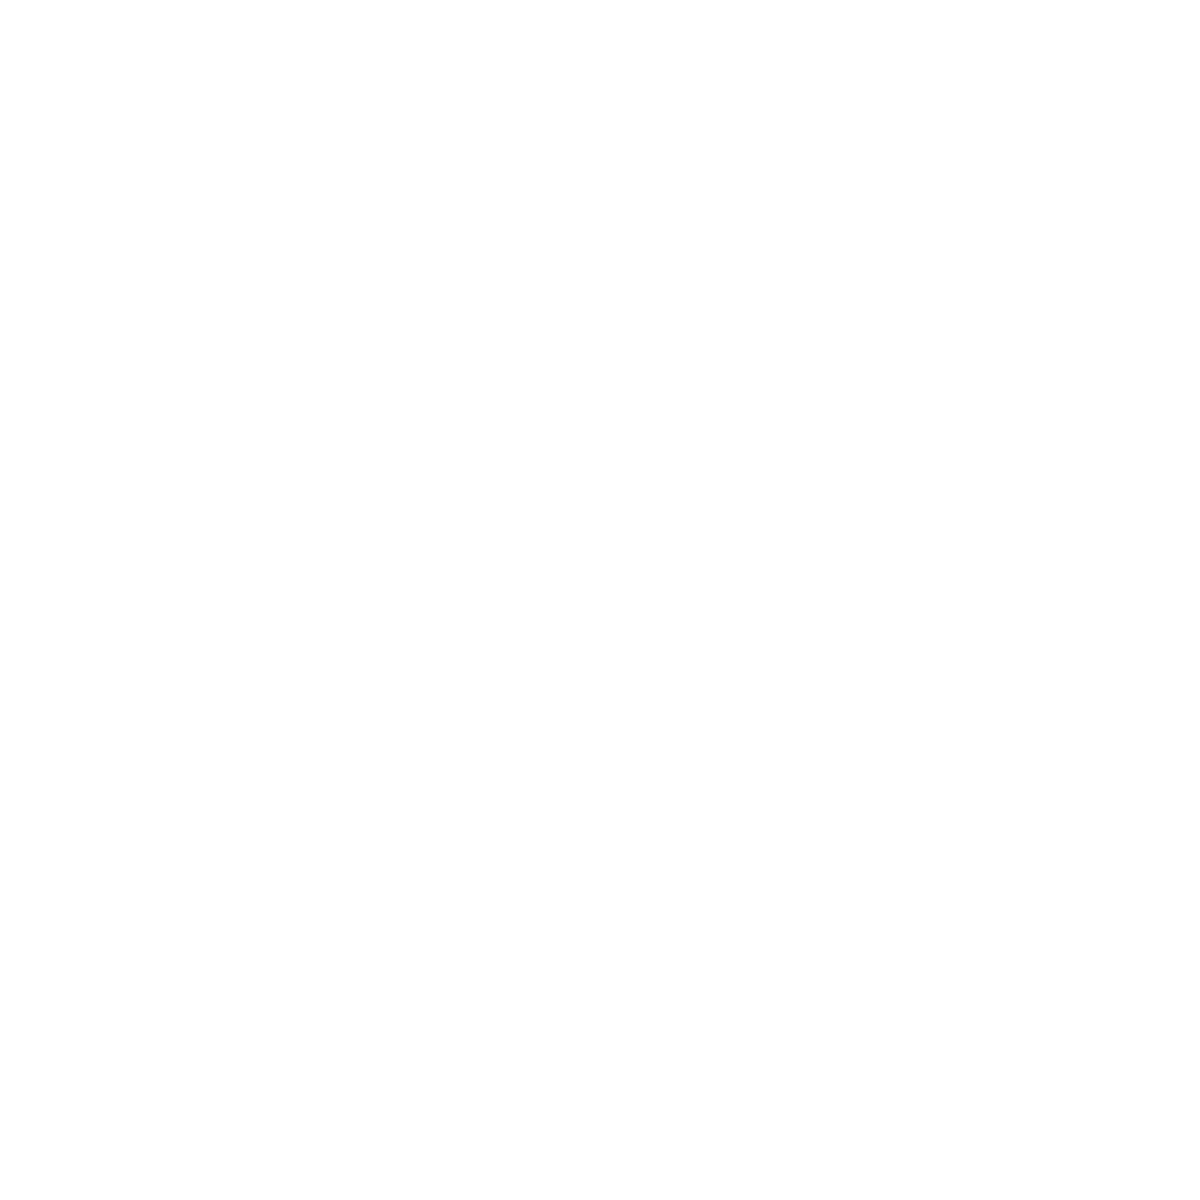 Global Market Data Model